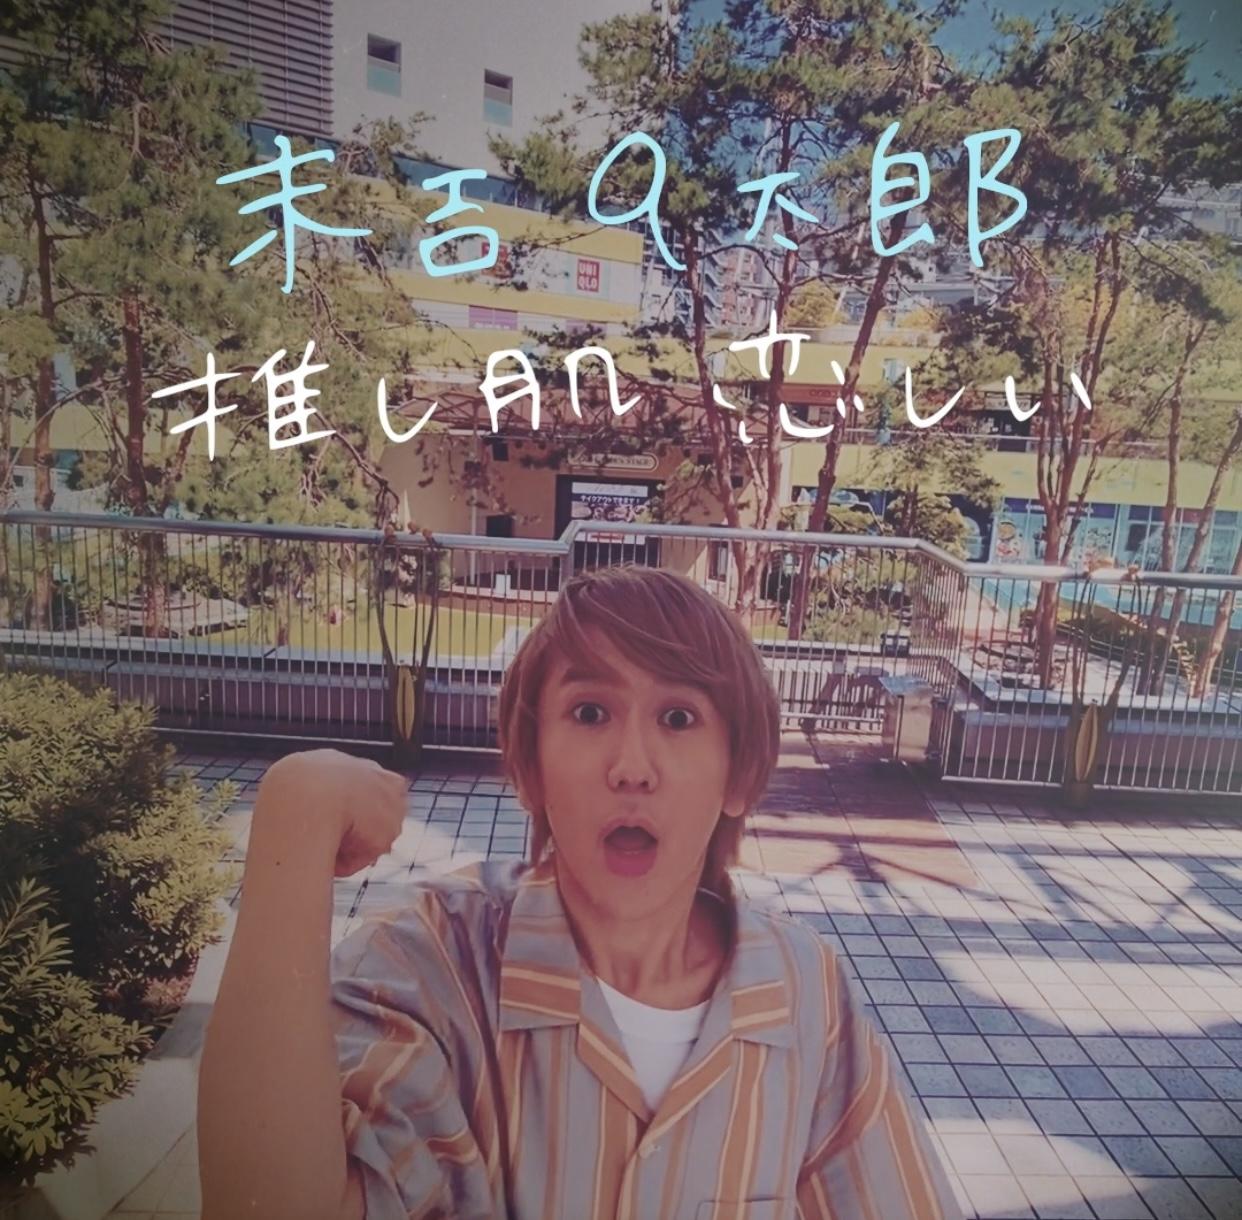 【NEWS】末吉9太郎プロデュース「推し肌恋しい」オタクムービー公開!